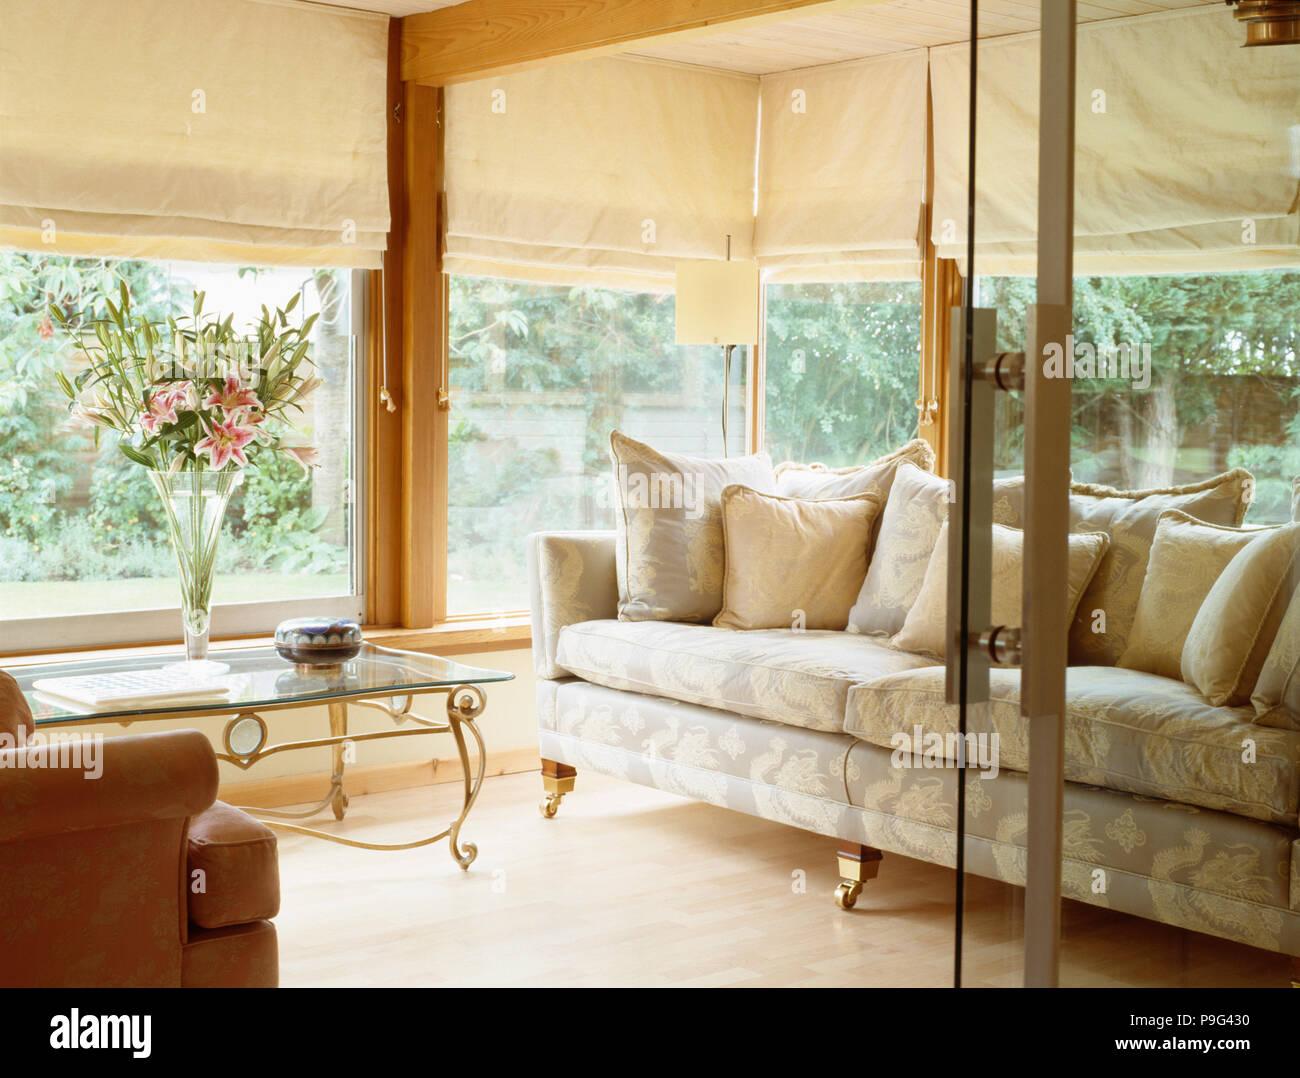 Glas Türen öffnen Zu Modernen Wohnzimmer Erweiterung Mit Sahne Jalousien  Und Traditionelle, In Neutralen Sofa